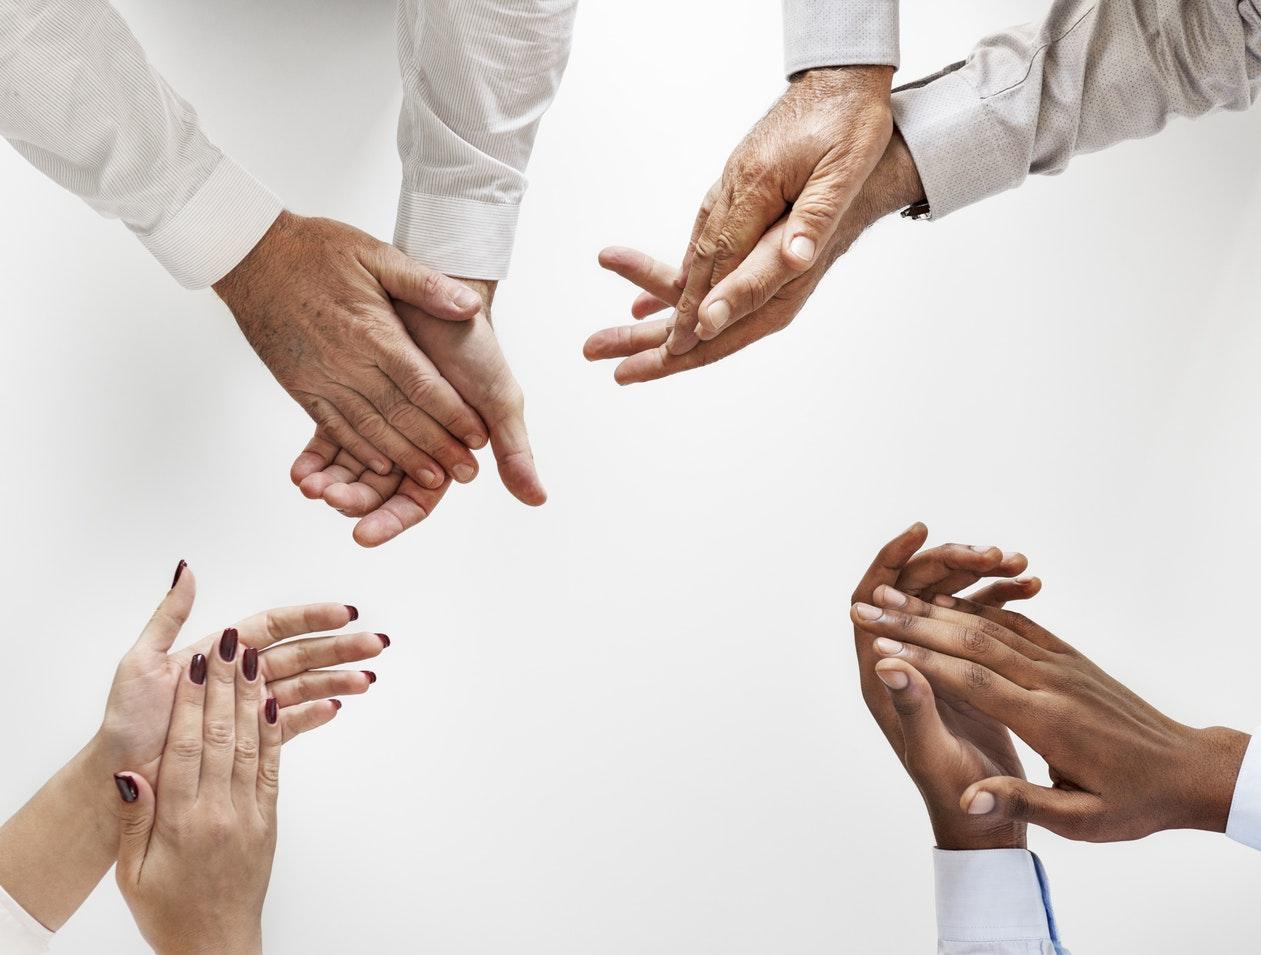 economia compartilhada: varias mãos aplaudindo